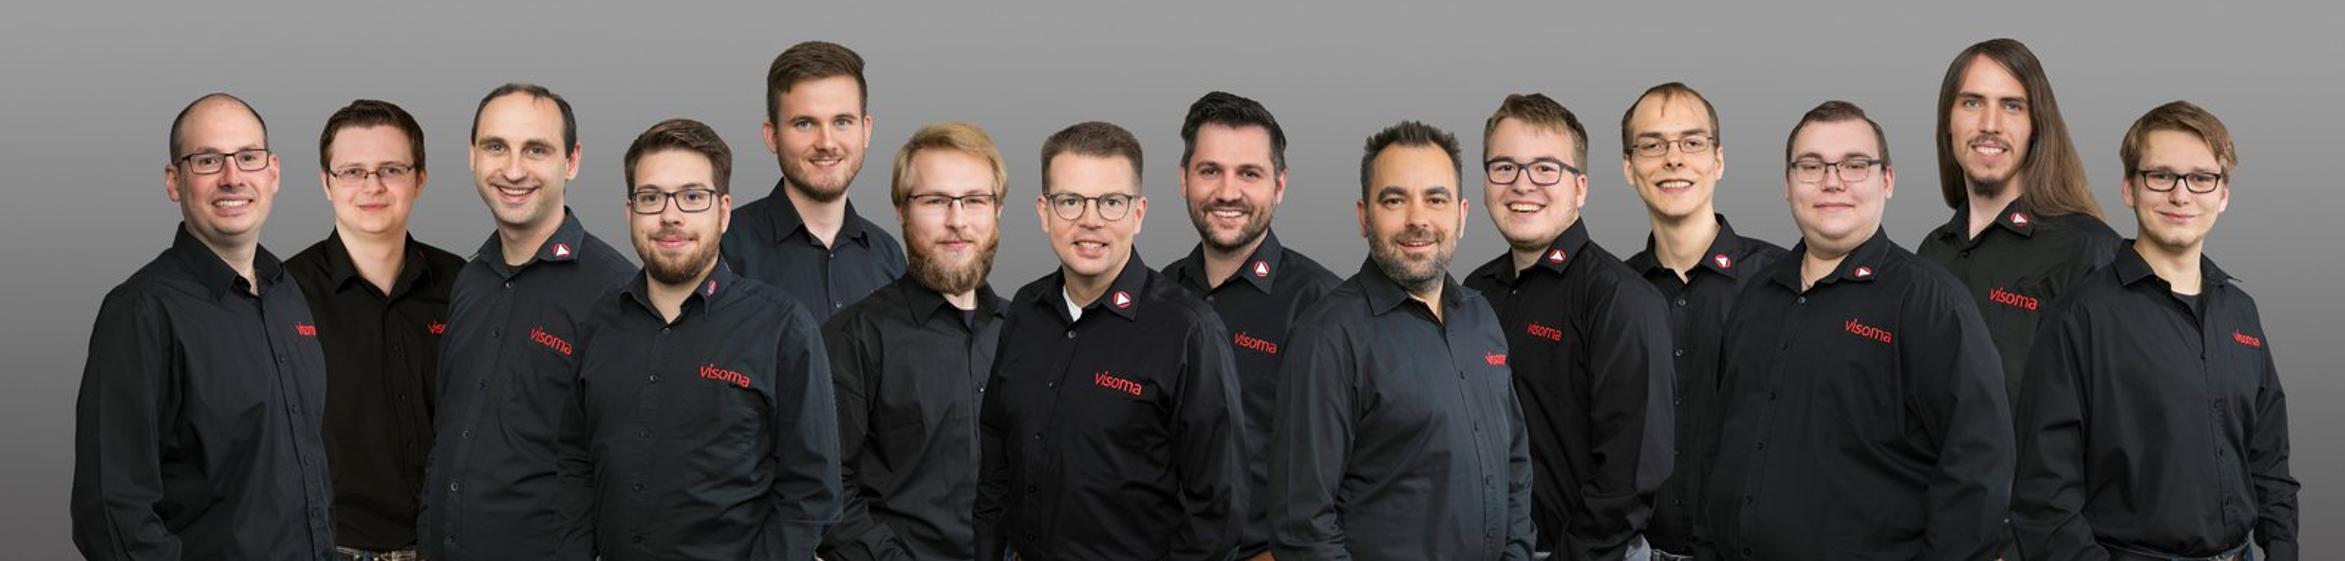 Das visoma Team